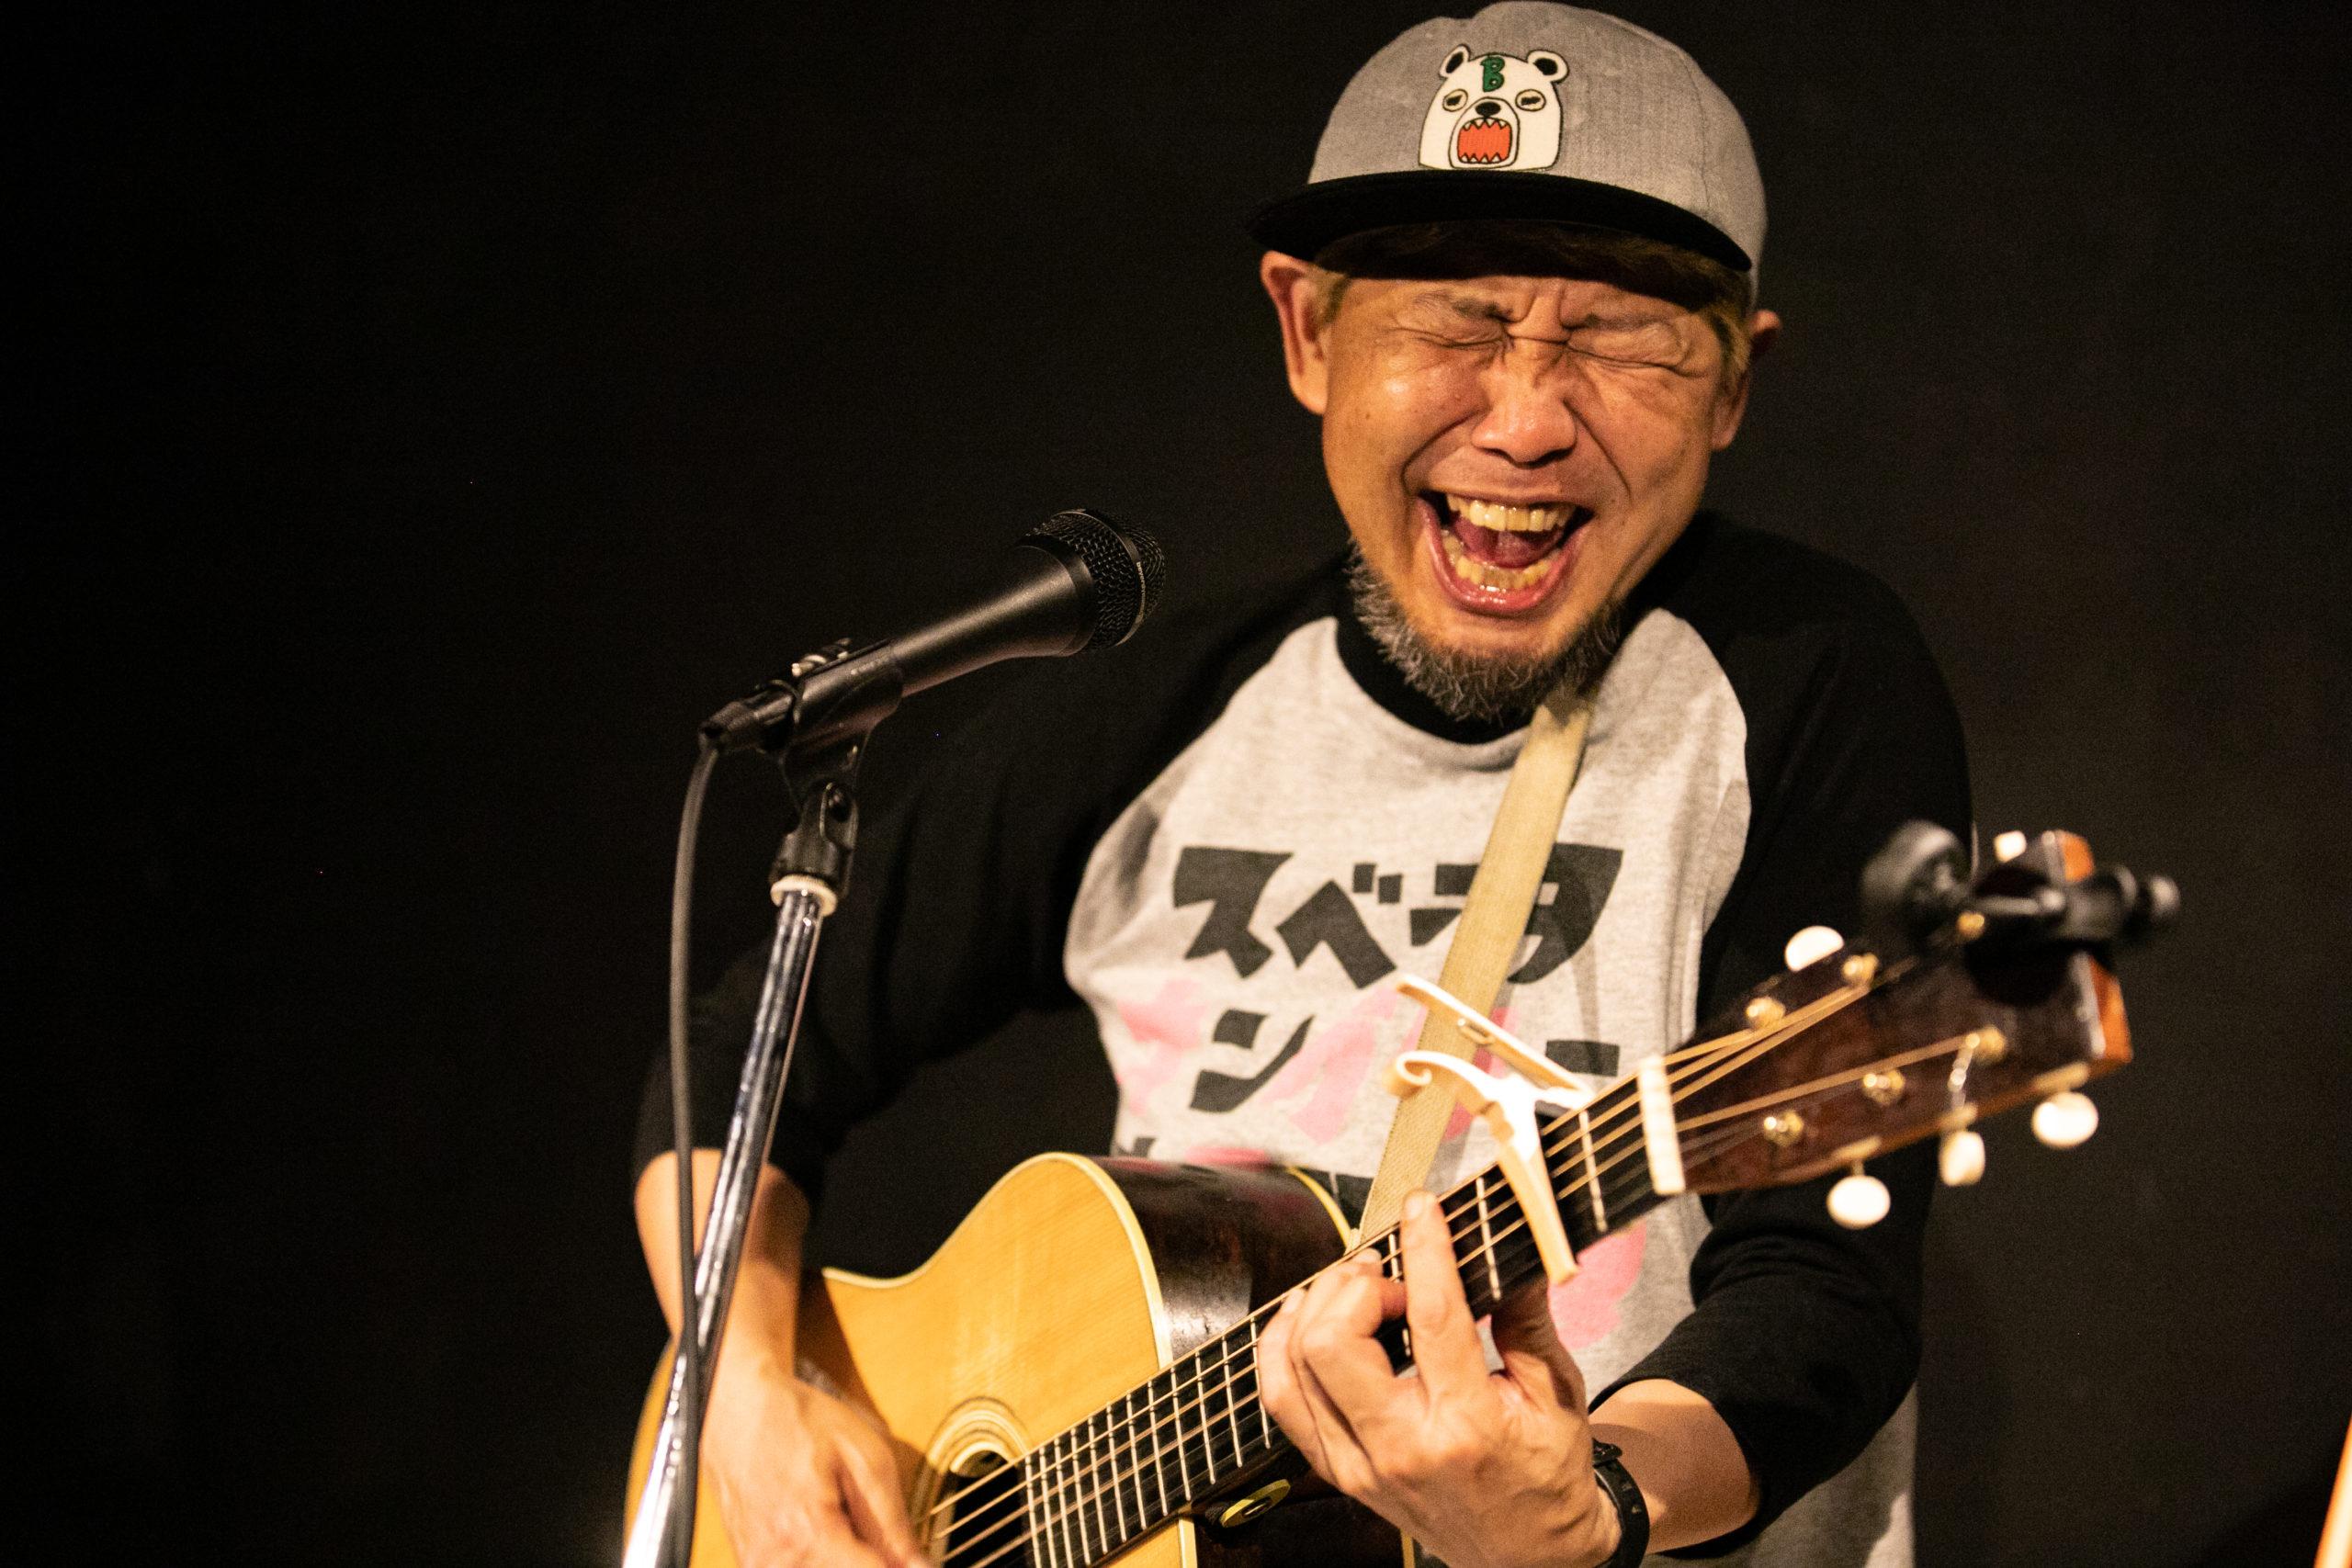 井上ヤスオバーガー『Live In Nishikyogoku!! Vol.4』ライブ写真